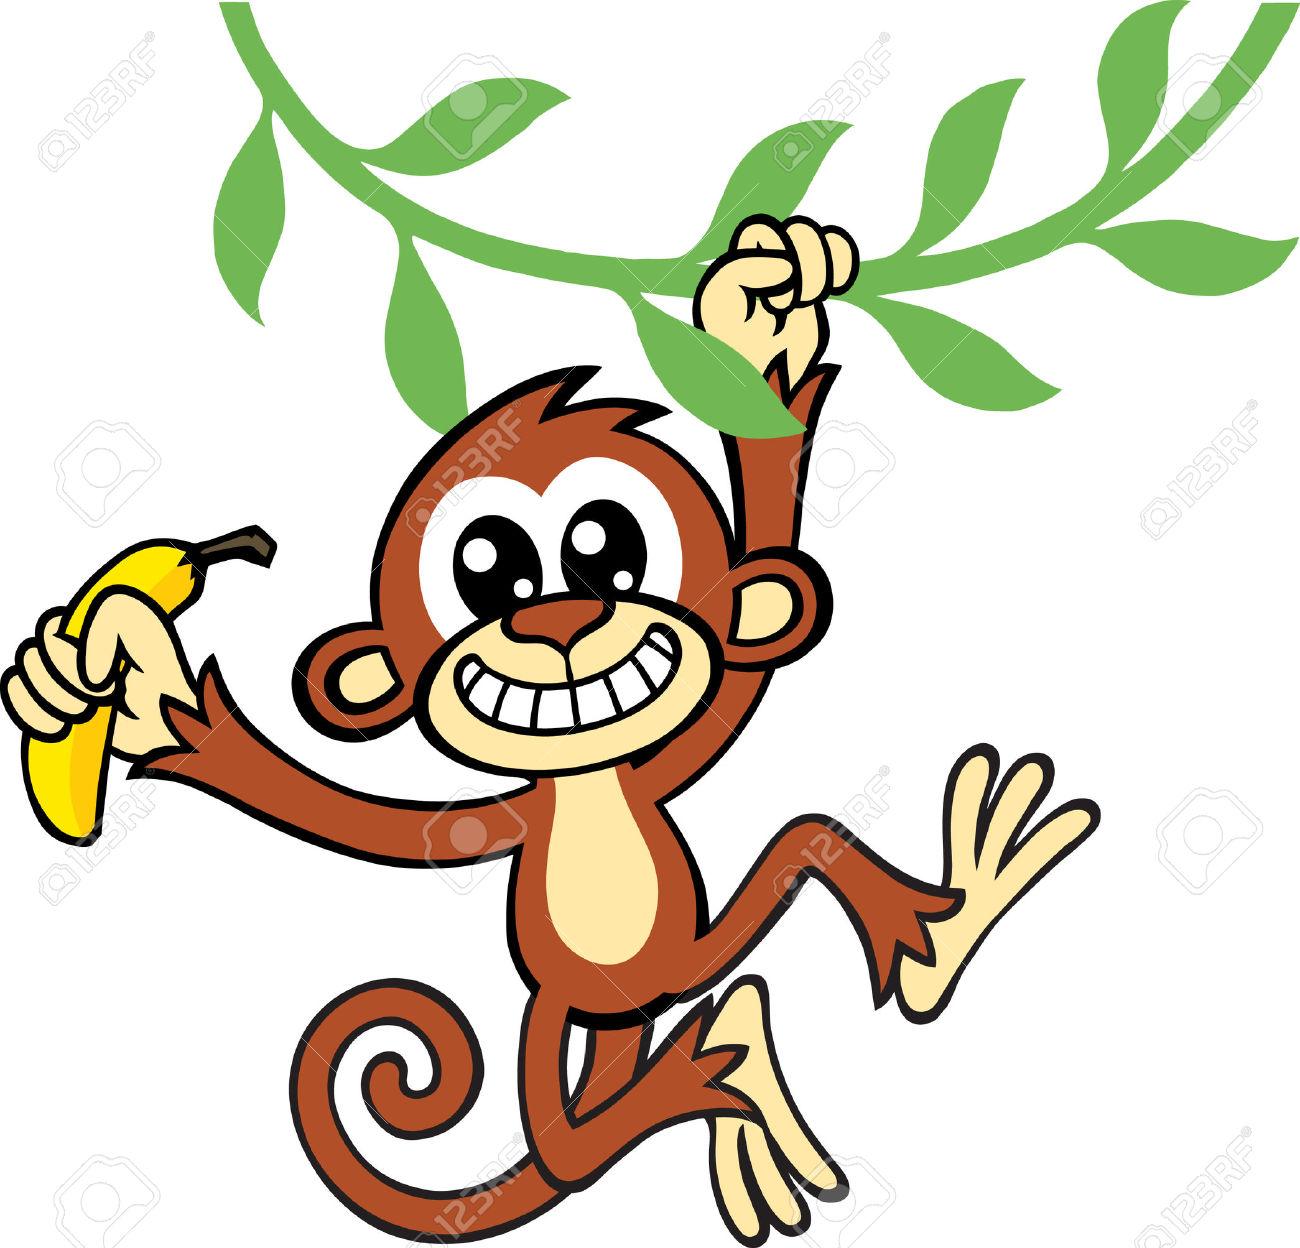 1300x1248 Clip Art Clip Art Of Monkey